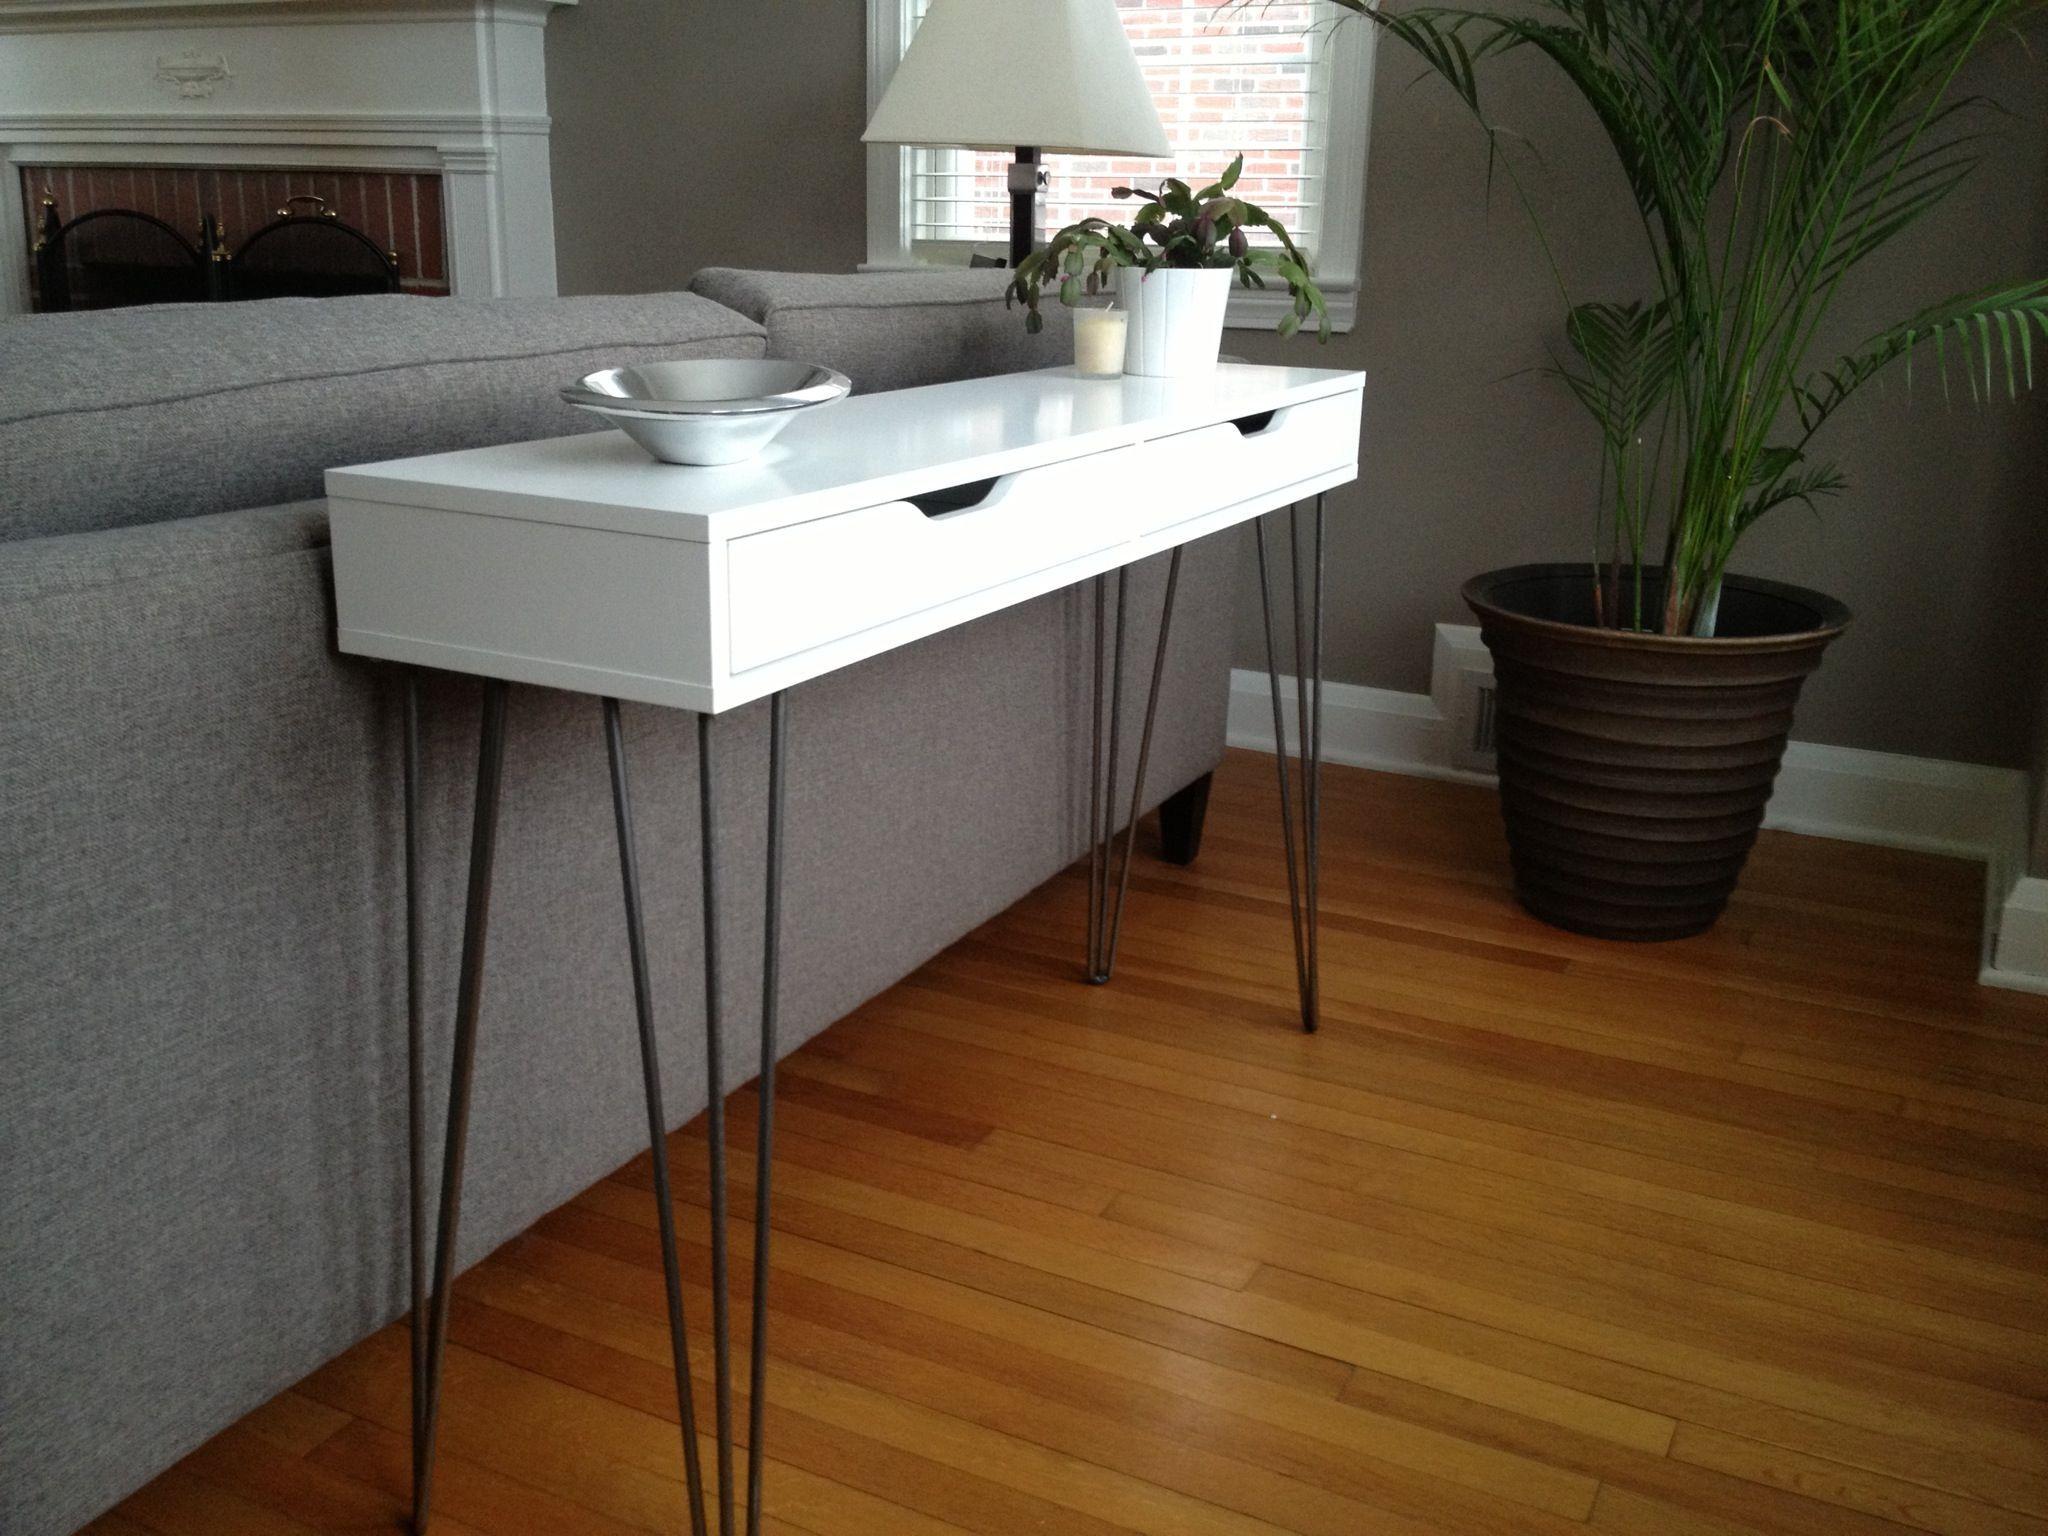 Comment Fabriquer Une Caisse En Bois comment fabriquer un meuble de rangement soi-même ?